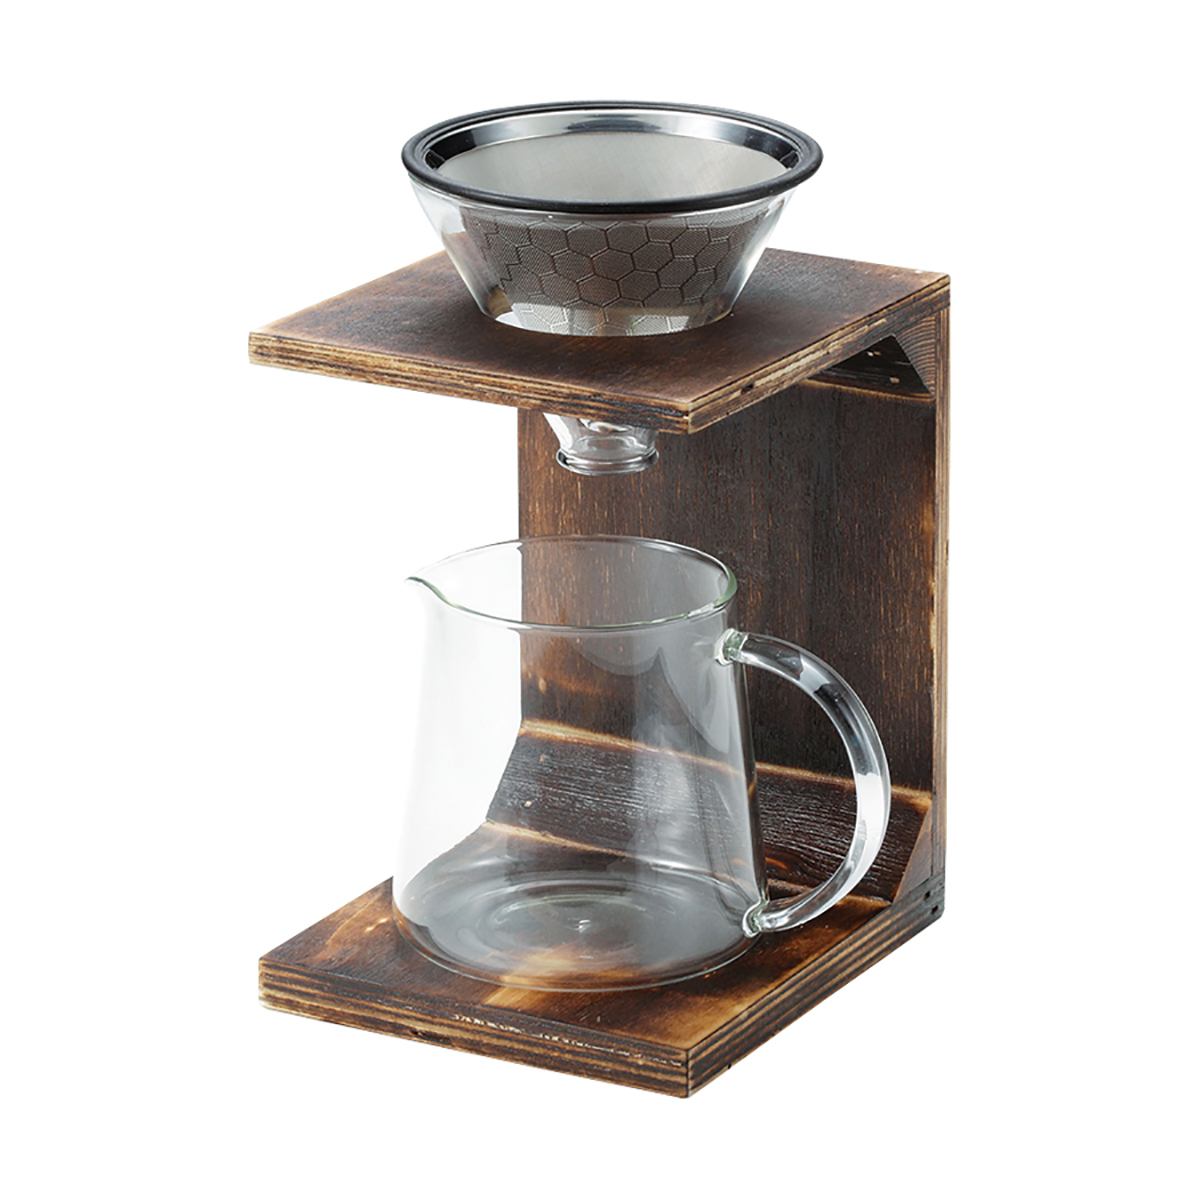 ドリップ セット コーヒー